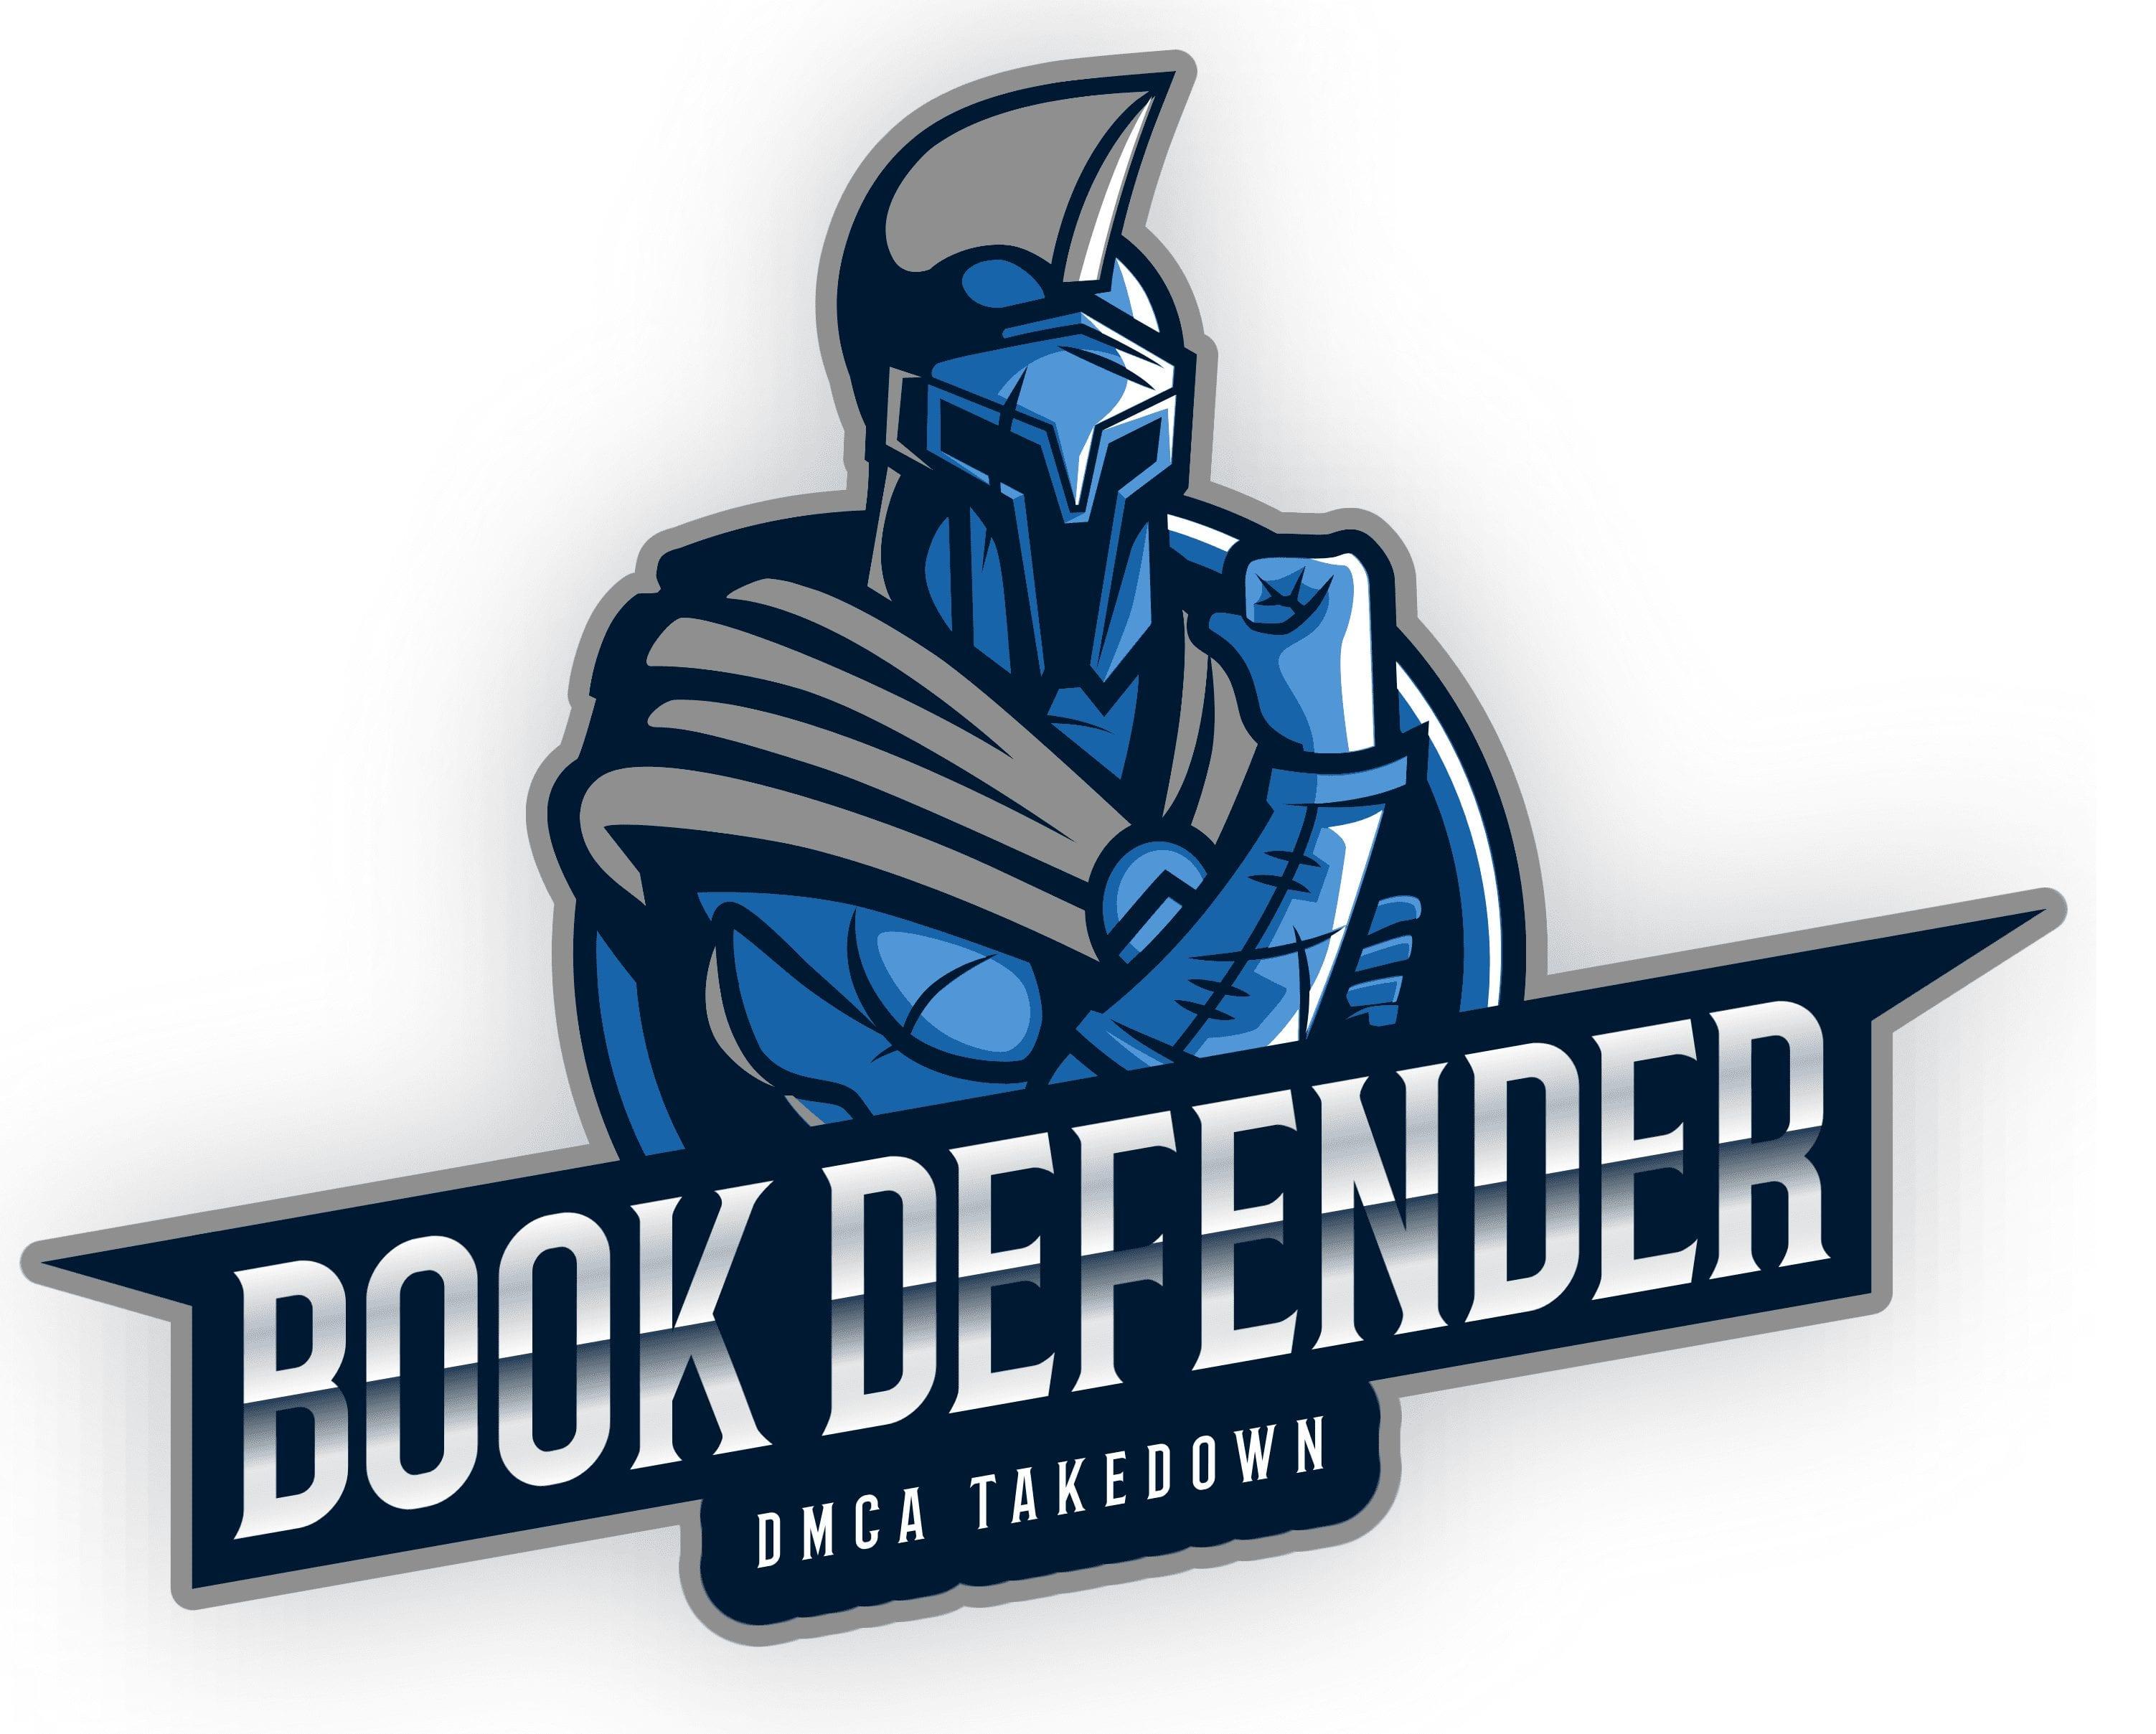 Book Defender